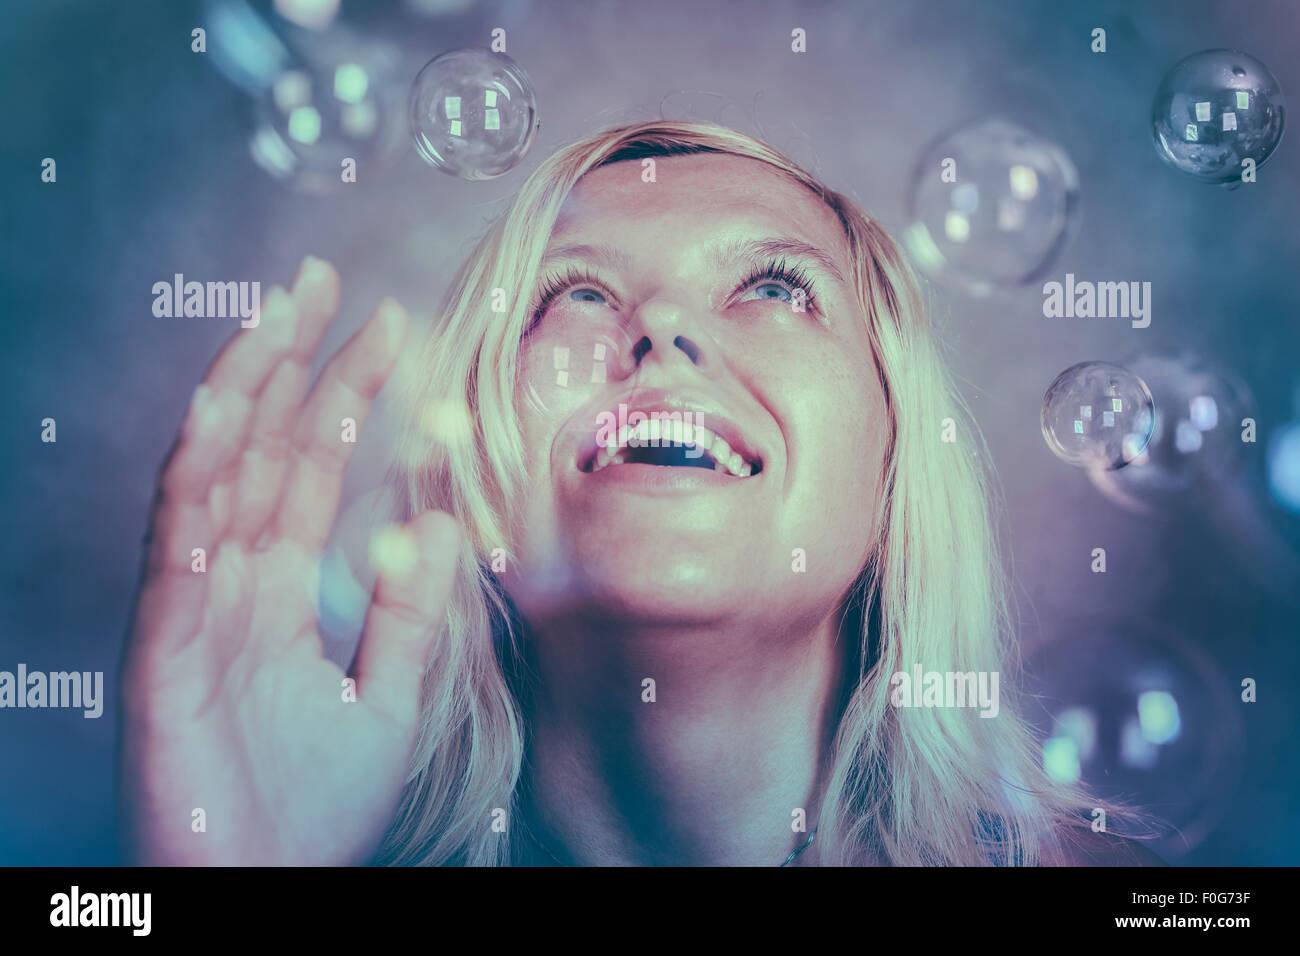 Bella sorridente ragazza bionda guardando verso l'alto e godere di favolose paese delle meraviglie. Immagini Stock